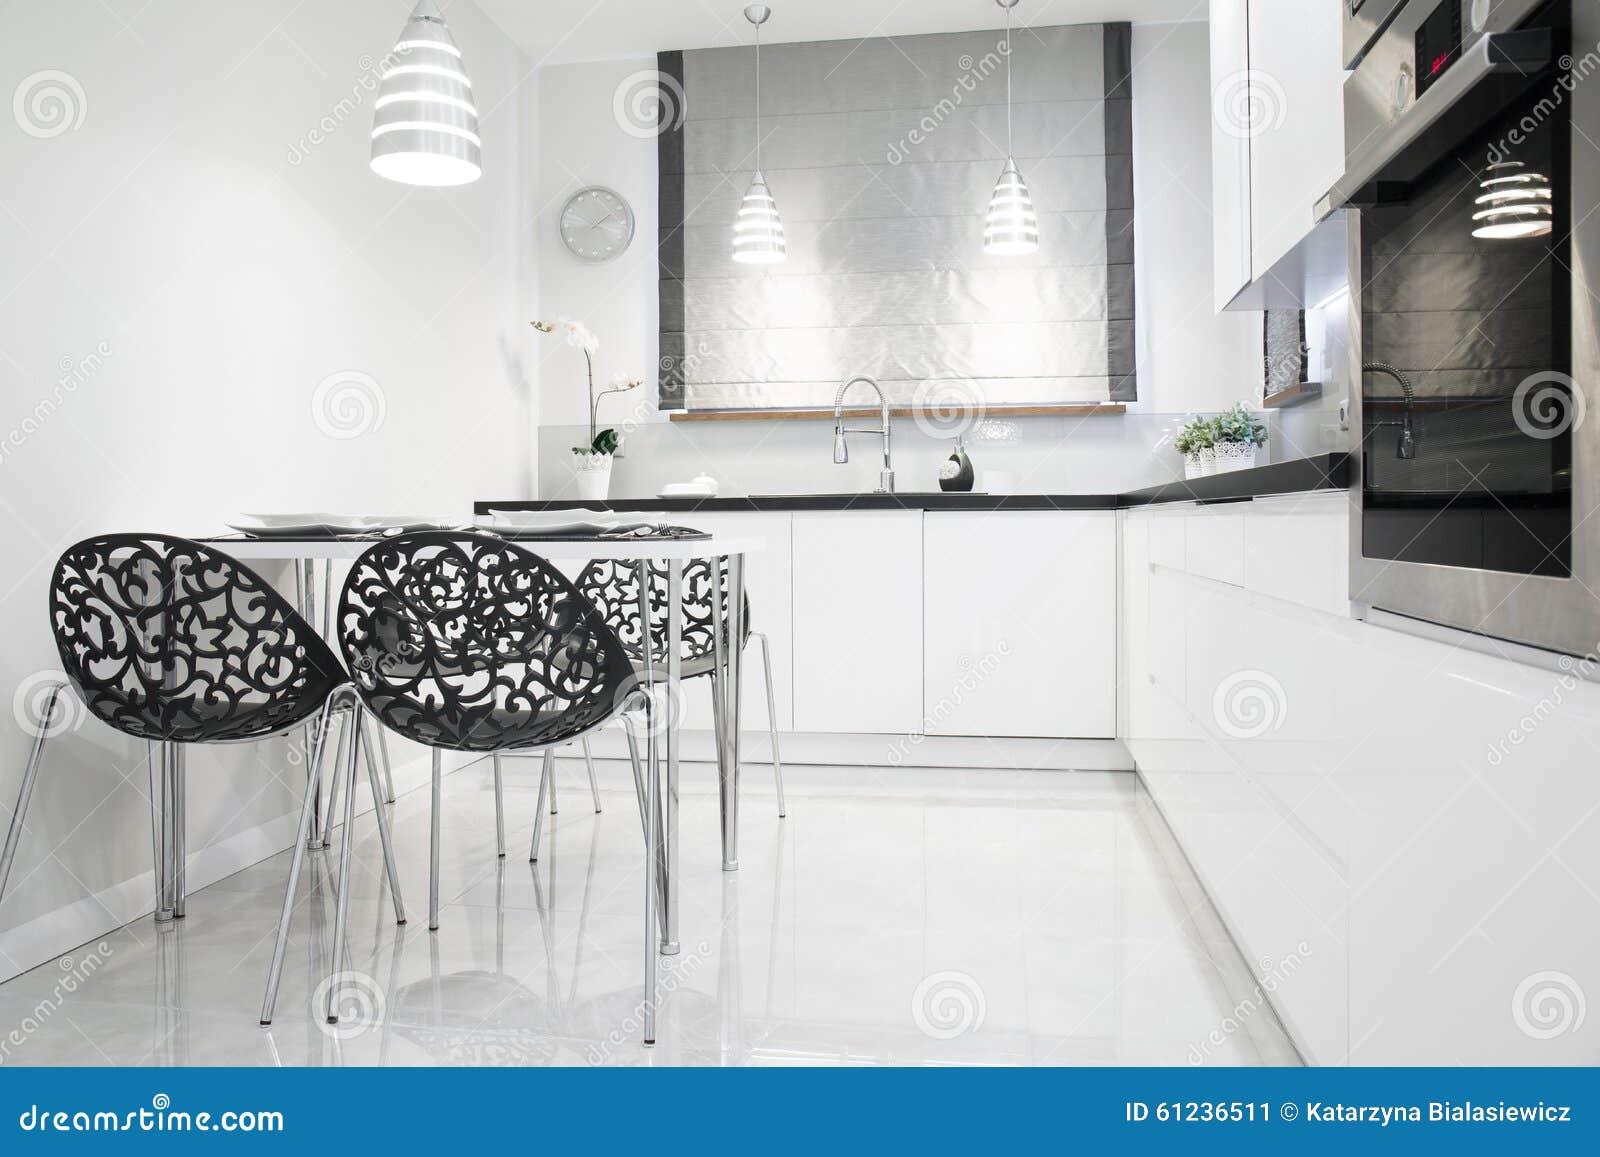 Cocina blanca y negra foto de archivo imagen 61236511 for Cocina blanca y negra